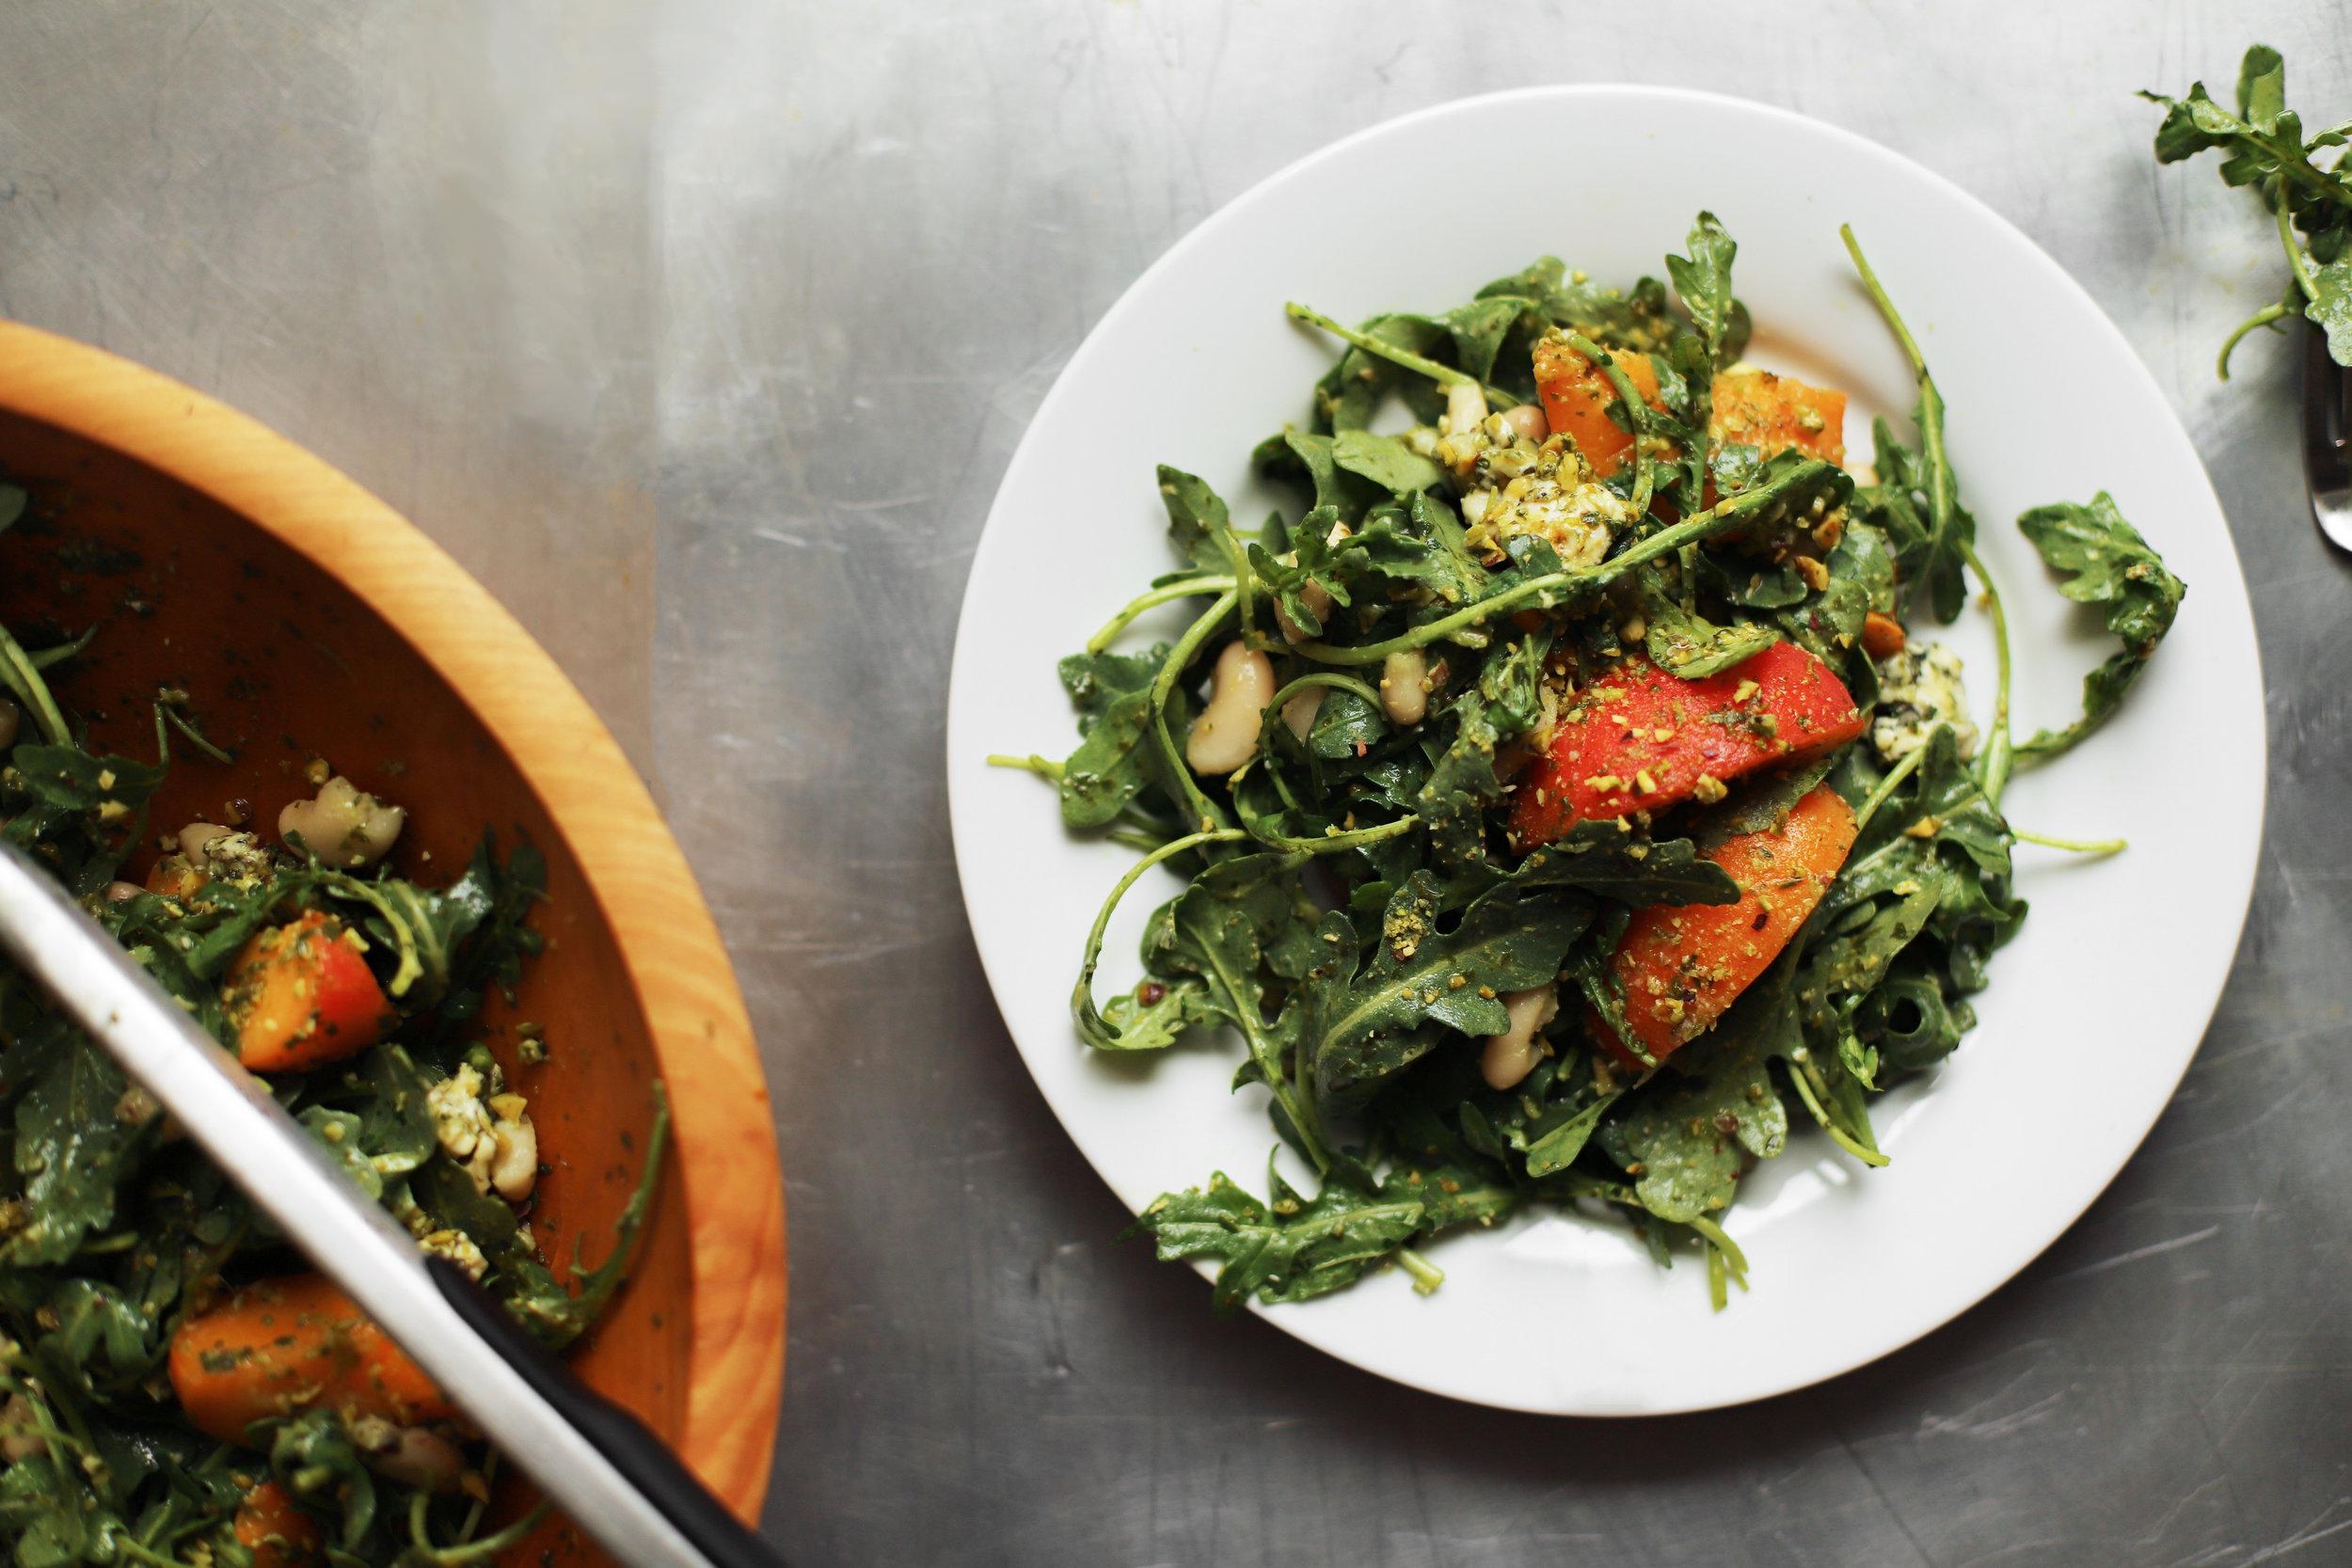 apricot pistachio salad with cilantro lemon dressing